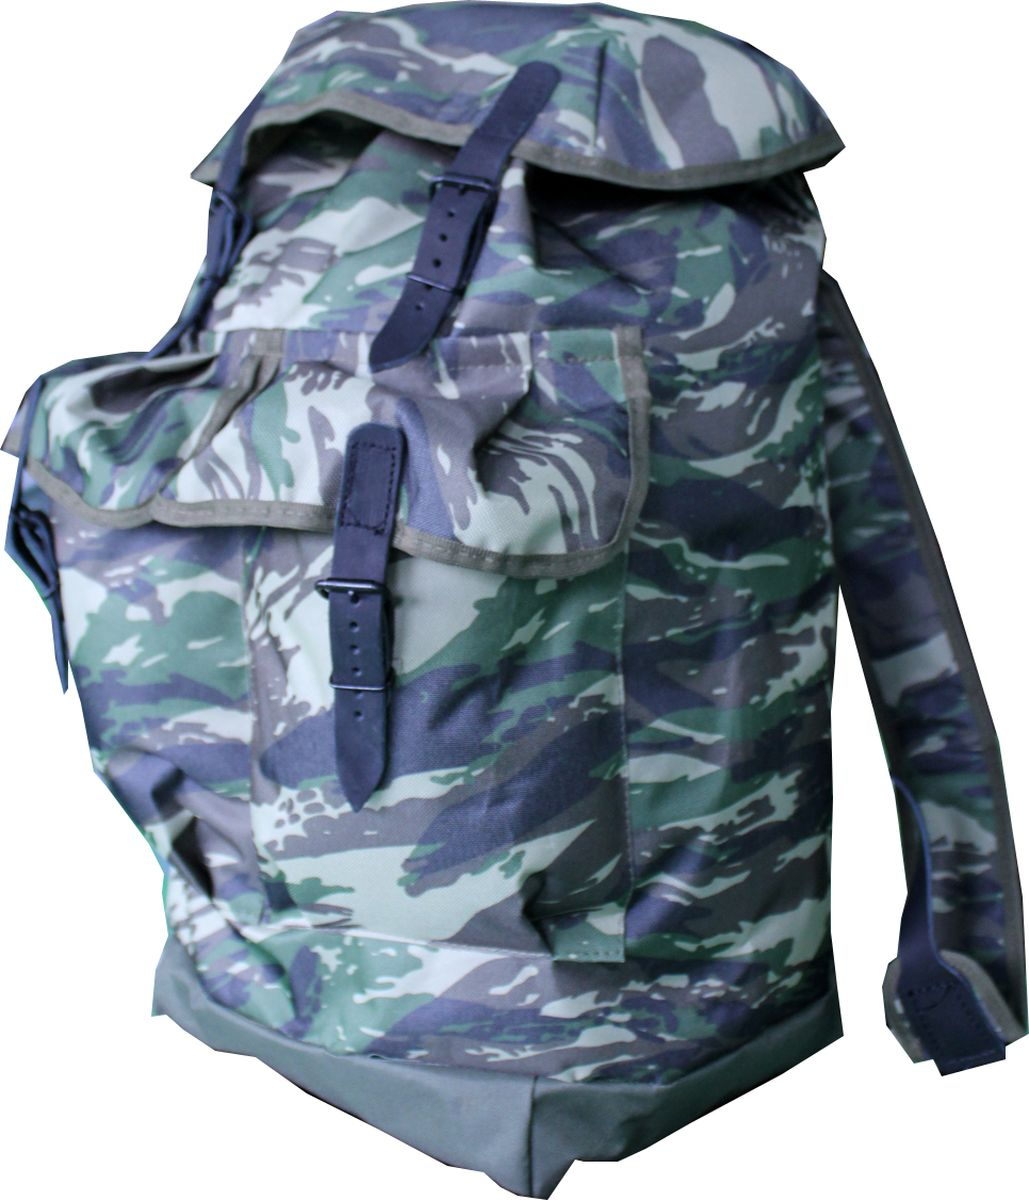 Рюкзак туристический Каприкорн Таежный У, 60 л54741Классический рюкзак с двумя карманами объемом 60 литров.Материал: Oxford 600D PVC (100% полиэстер с ПВХ покрытием; 450 гр/м2)Фурнитура: металл, нат. кожа.